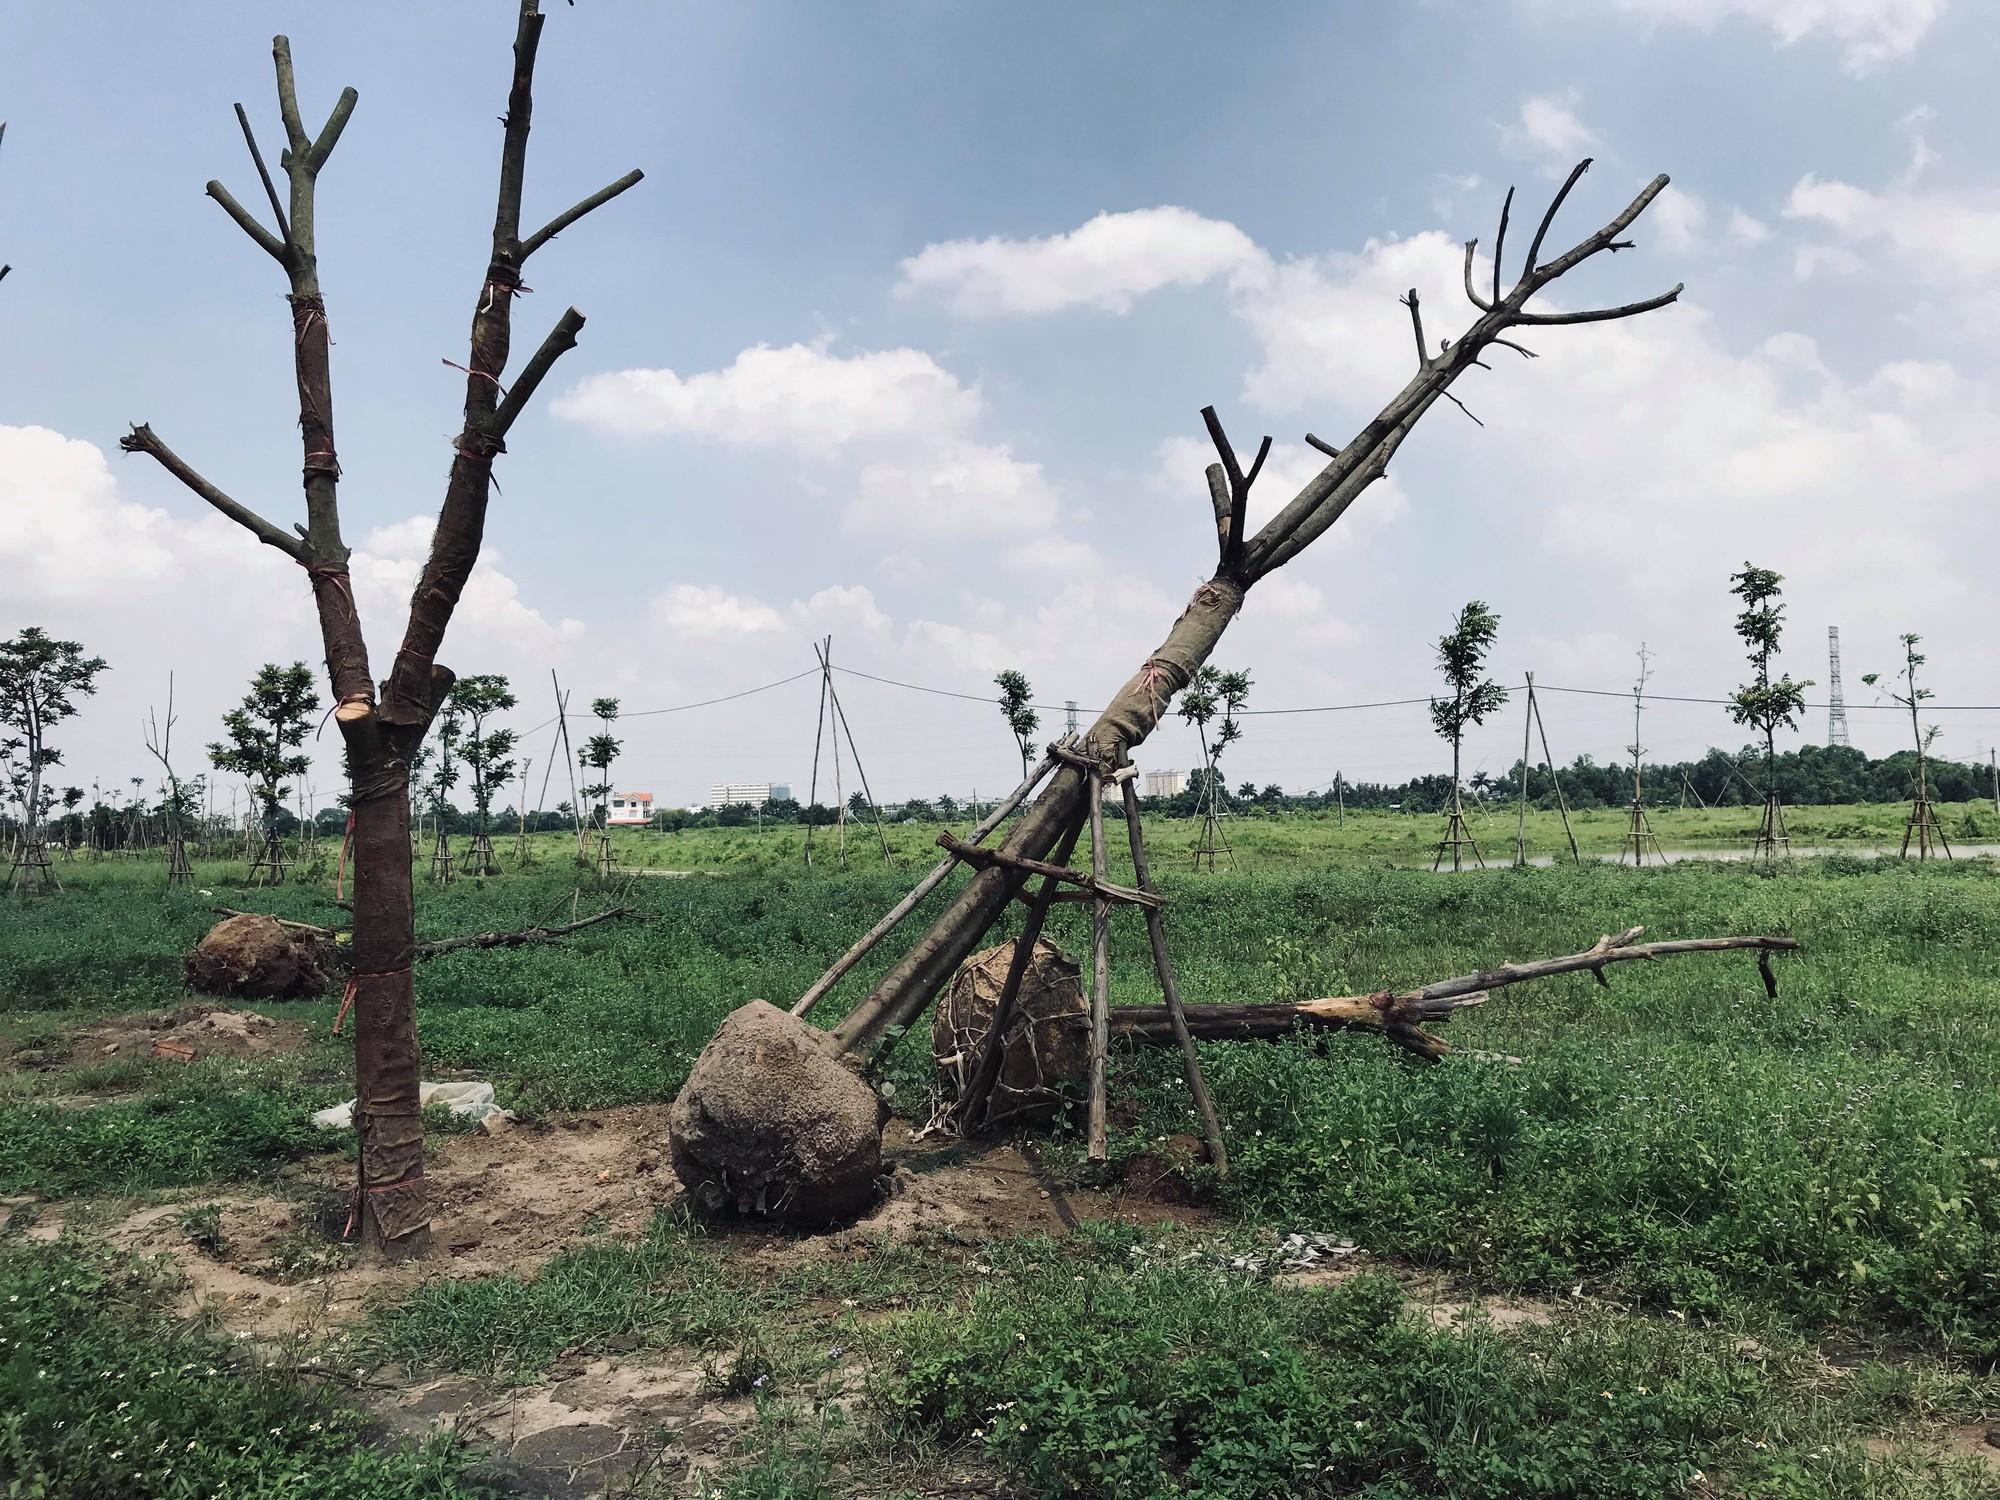 Hàng nghìn tỉ đồng bị chôn vùi tại khu đô thị bỏ hoang Minh Giang Đầm Và - Ảnh 17.